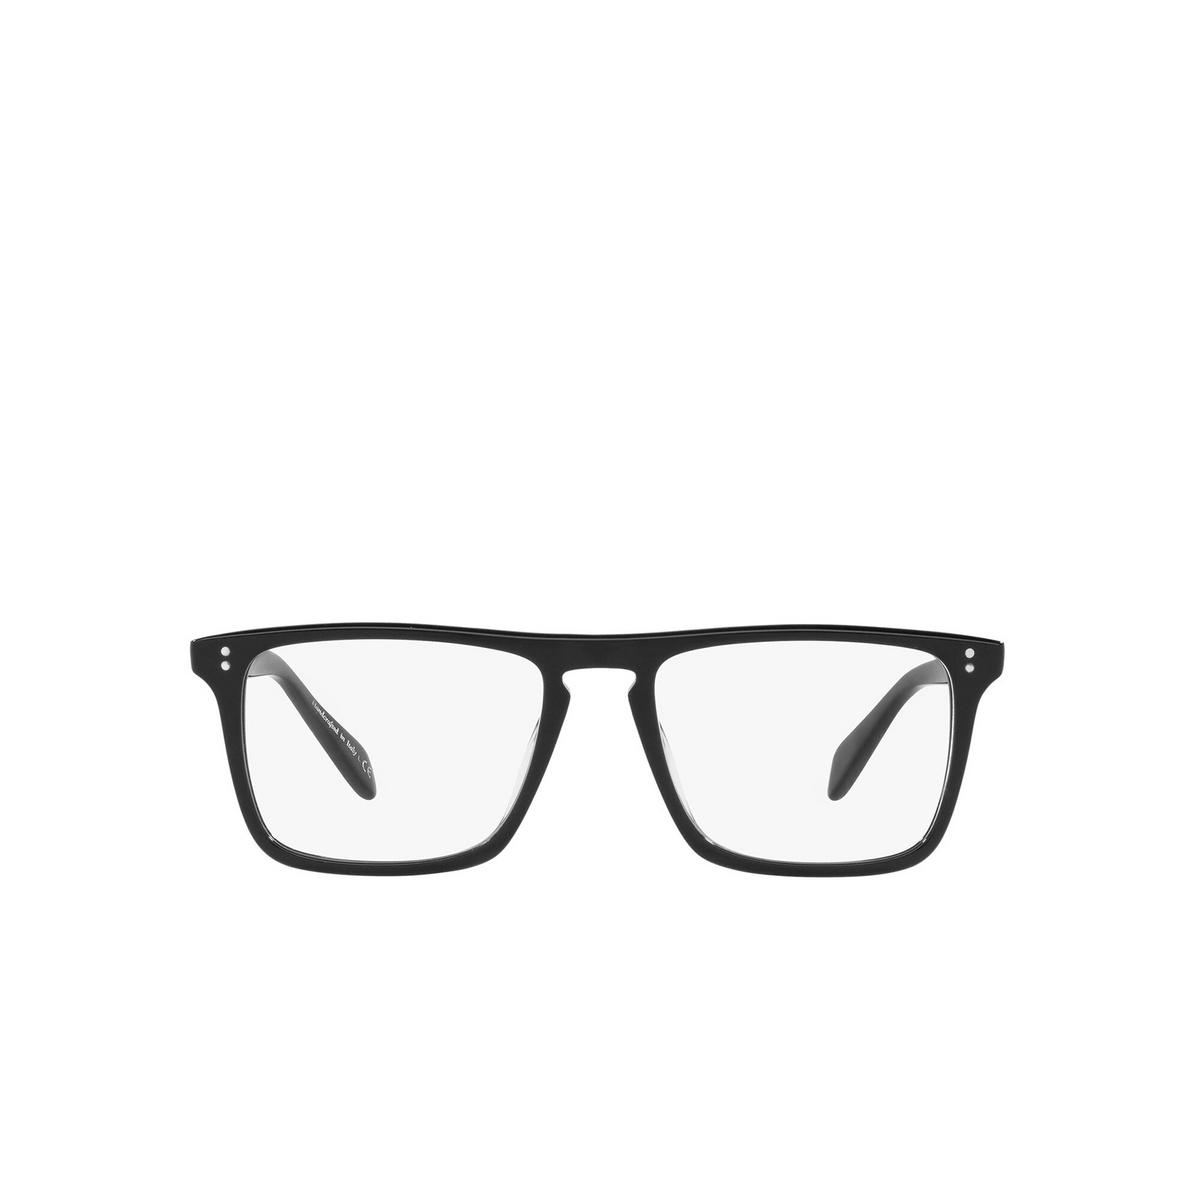 Oliver Peoples® Square Eyeglasses: Bernardo-r OV5189U color Black 1005 - front view.